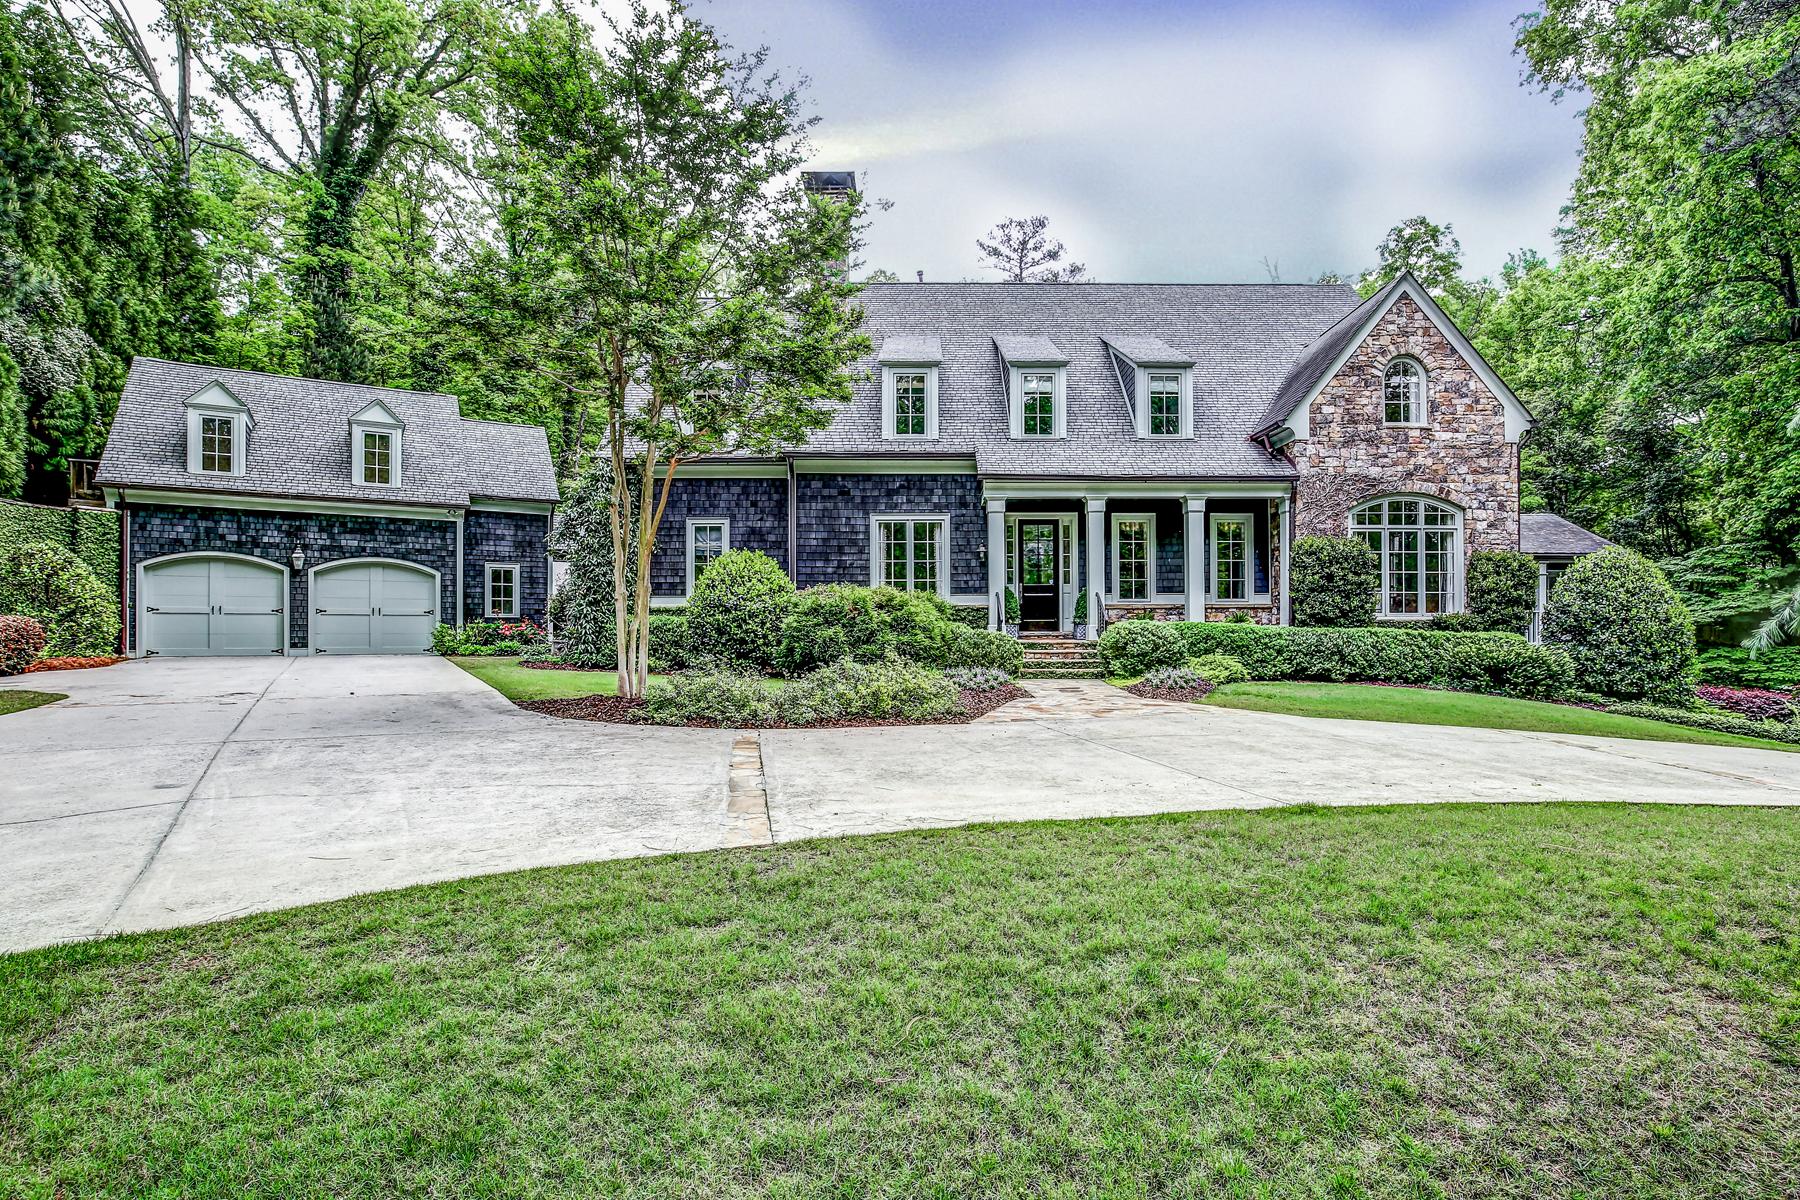 一戸建て のために 売買 アット Buckhead Cape Cod Stunner 4065 Beechwood Drive NW Buckhead, Atlanta, ジョージア, 30327 アメリカ合衆国